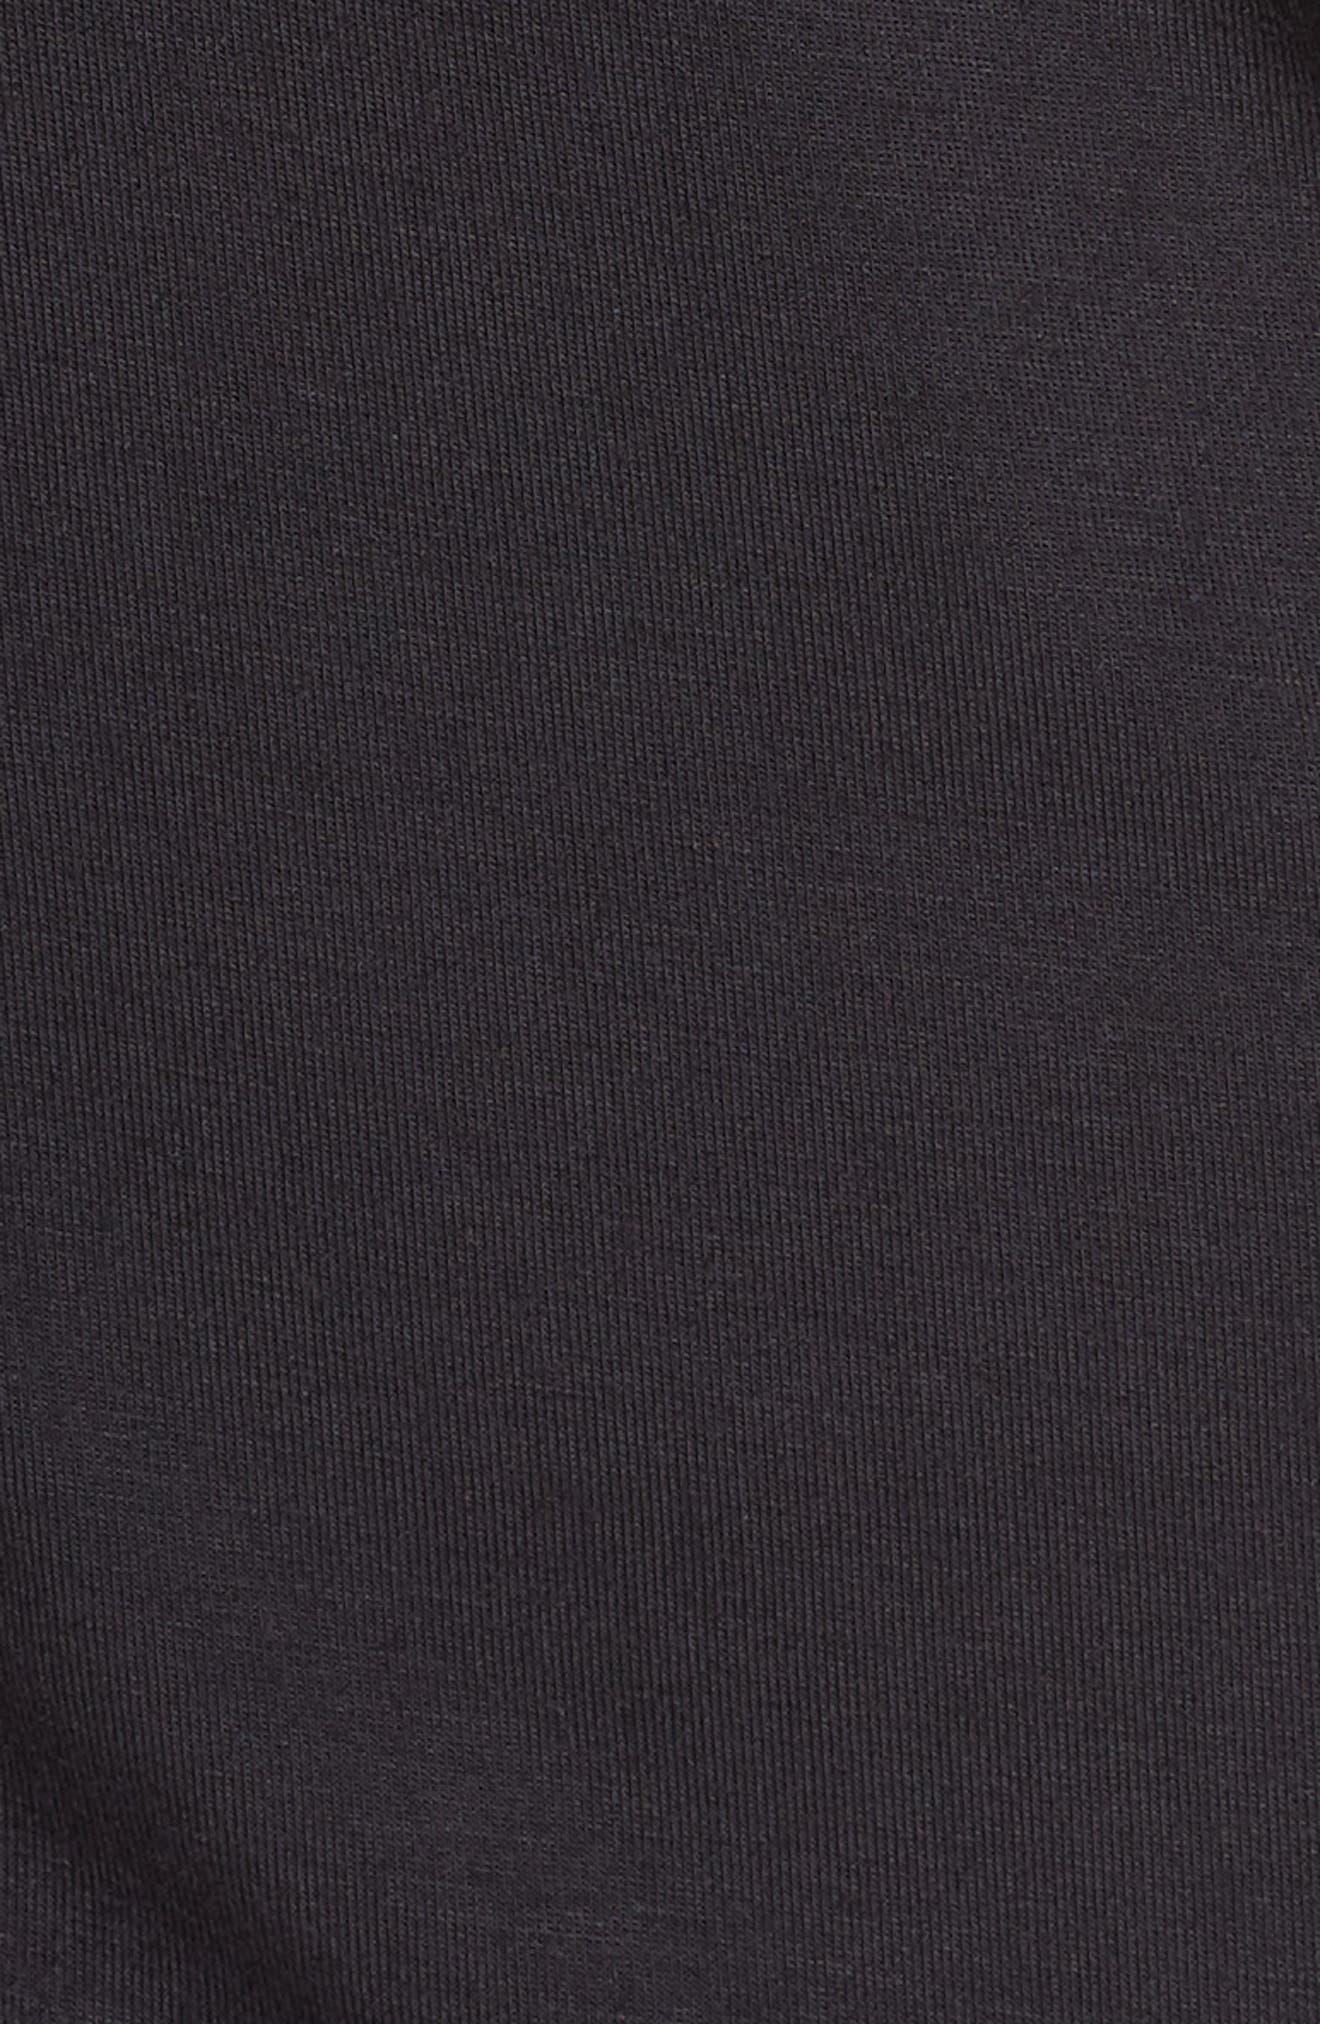 UGG<SUP>®</SUP>, Nya Short Pajamas, Alternate thumbnail 5, color, BLACK